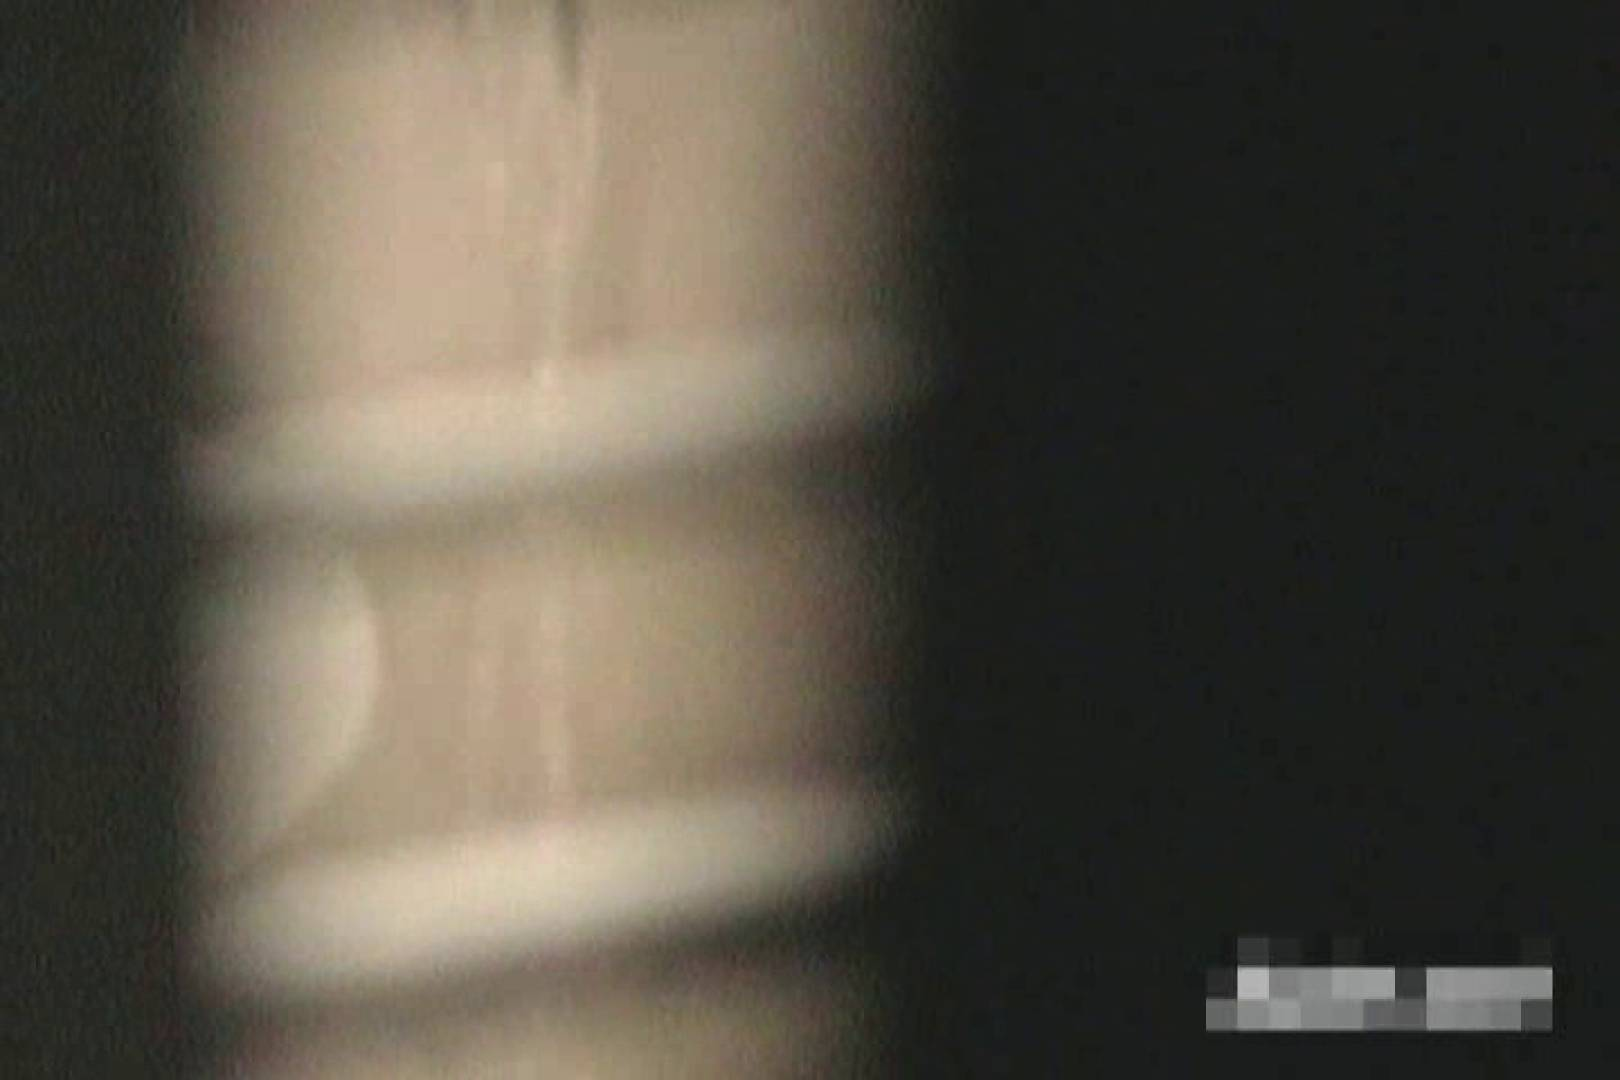 激撮ストーカー記録あなたのお宅拝見しますVol.5 ローター | オナニー  31連発 17